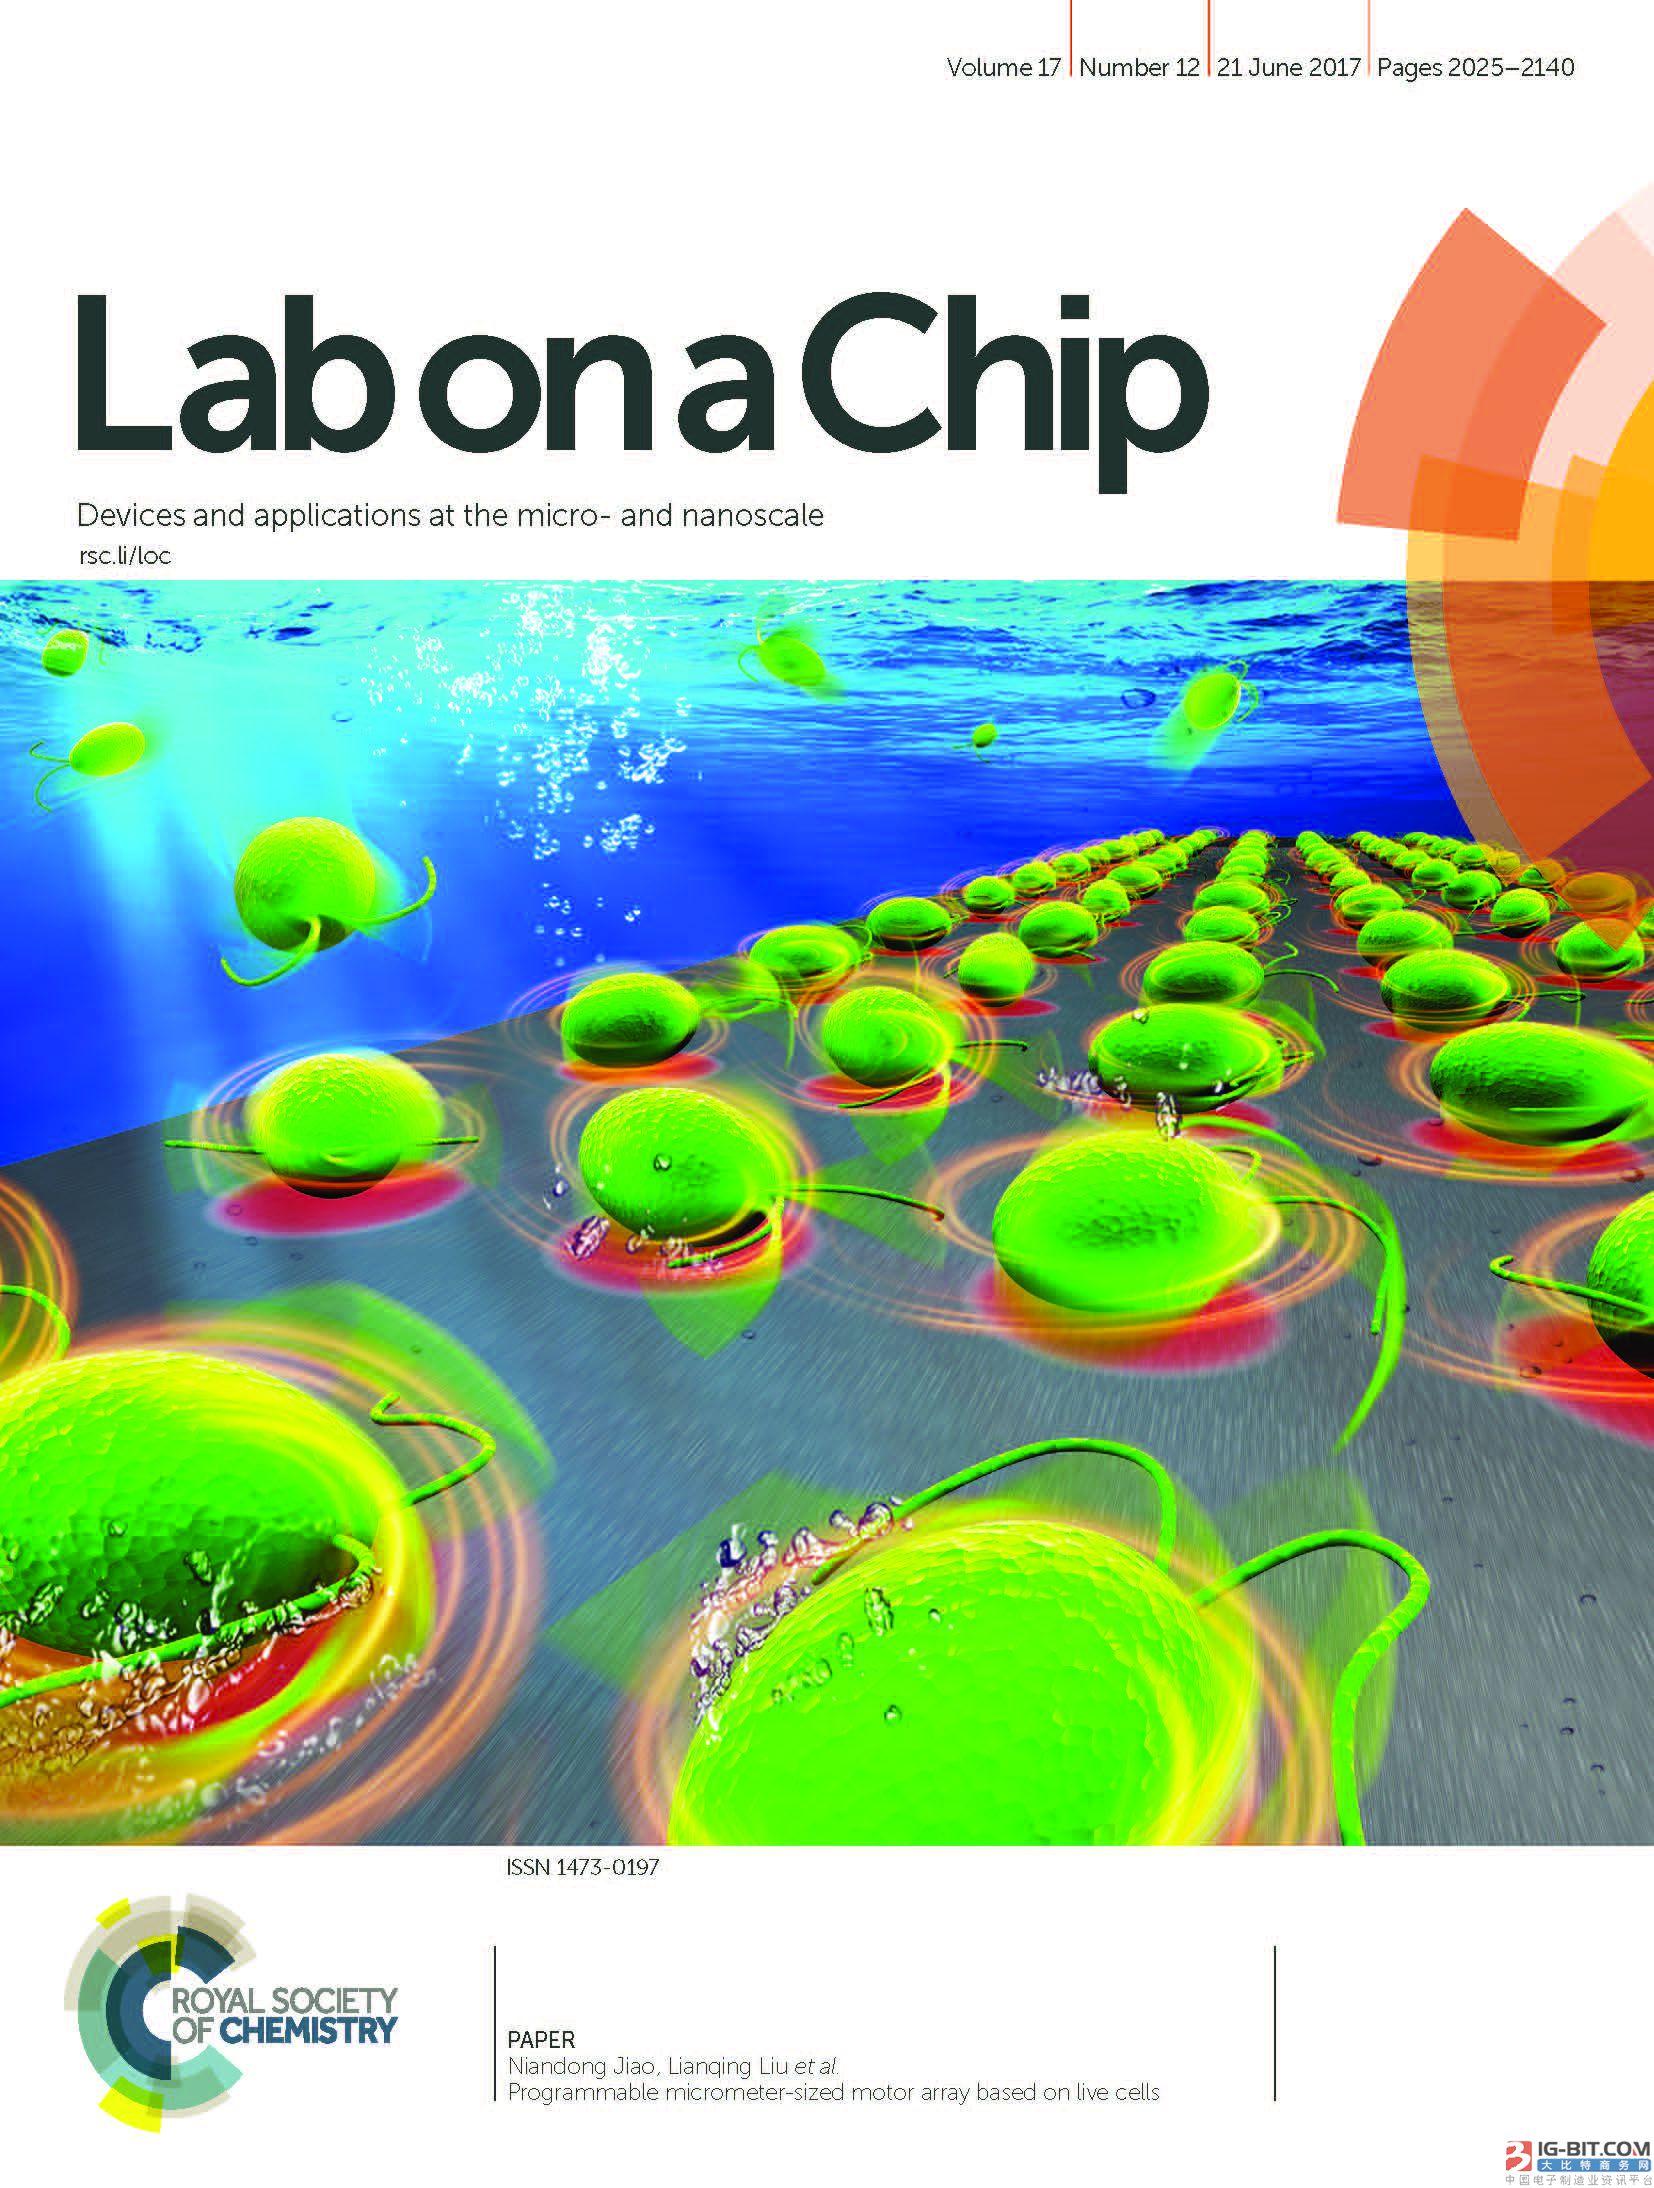 沈阳自动化所在藻类细胞微型机器人研究中取得进展